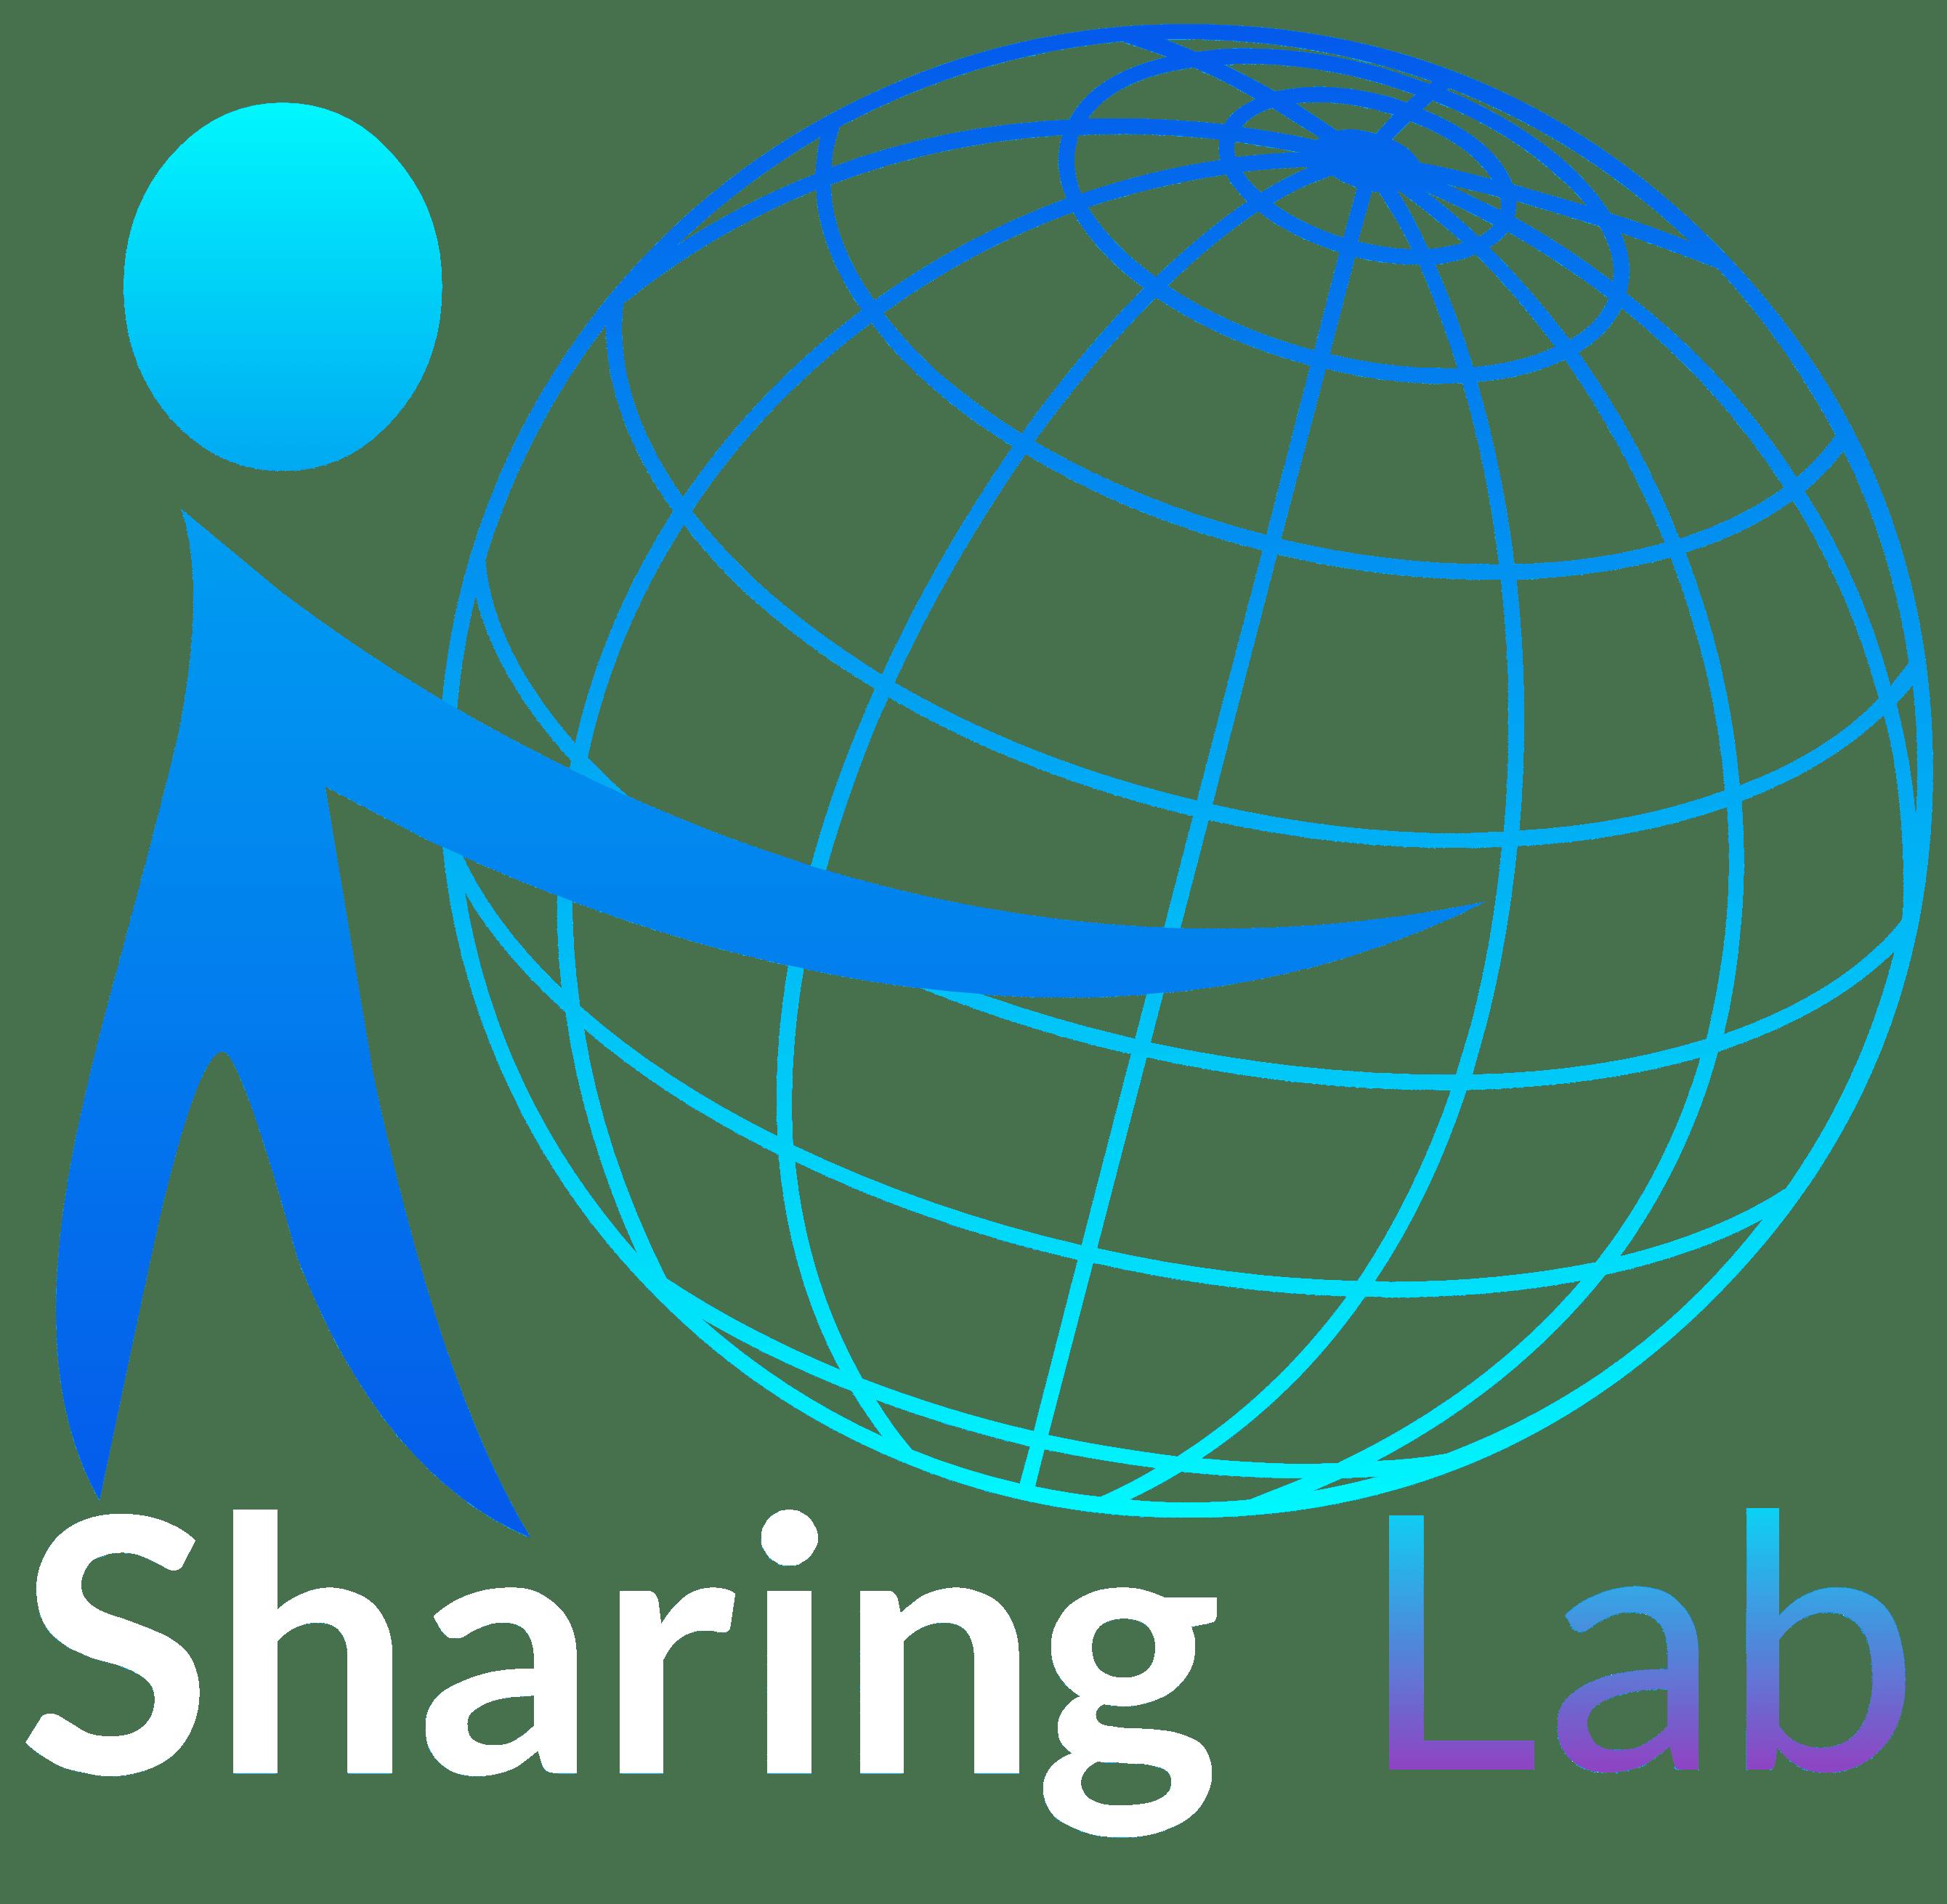 Sharing Lab